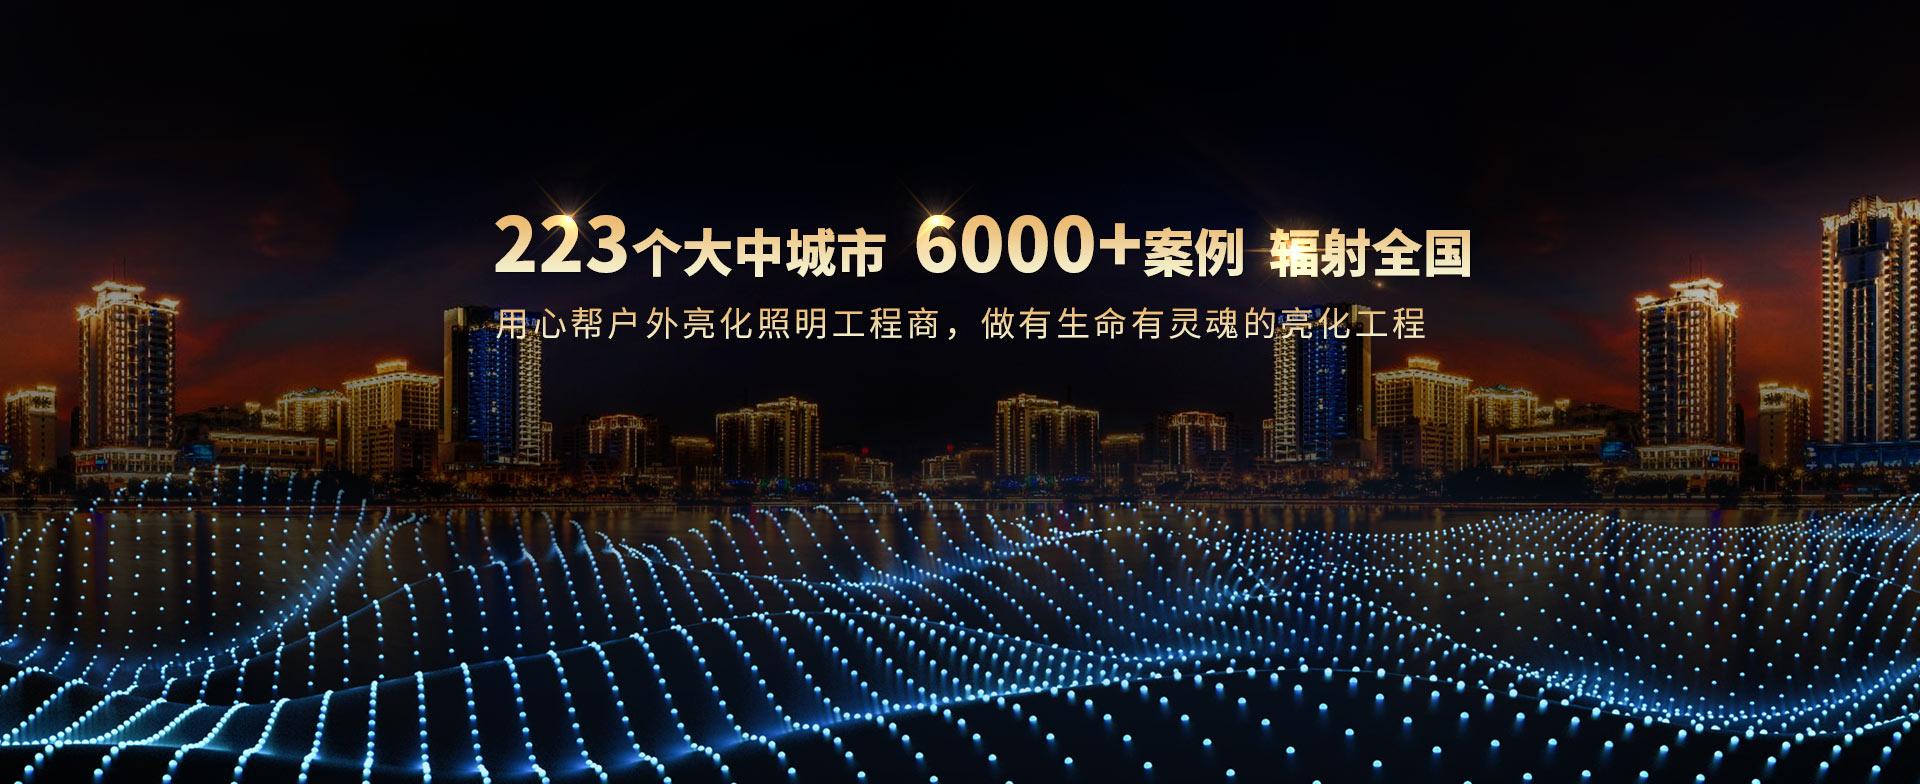 合创未来-专注户外景观亮化工程灯具定制